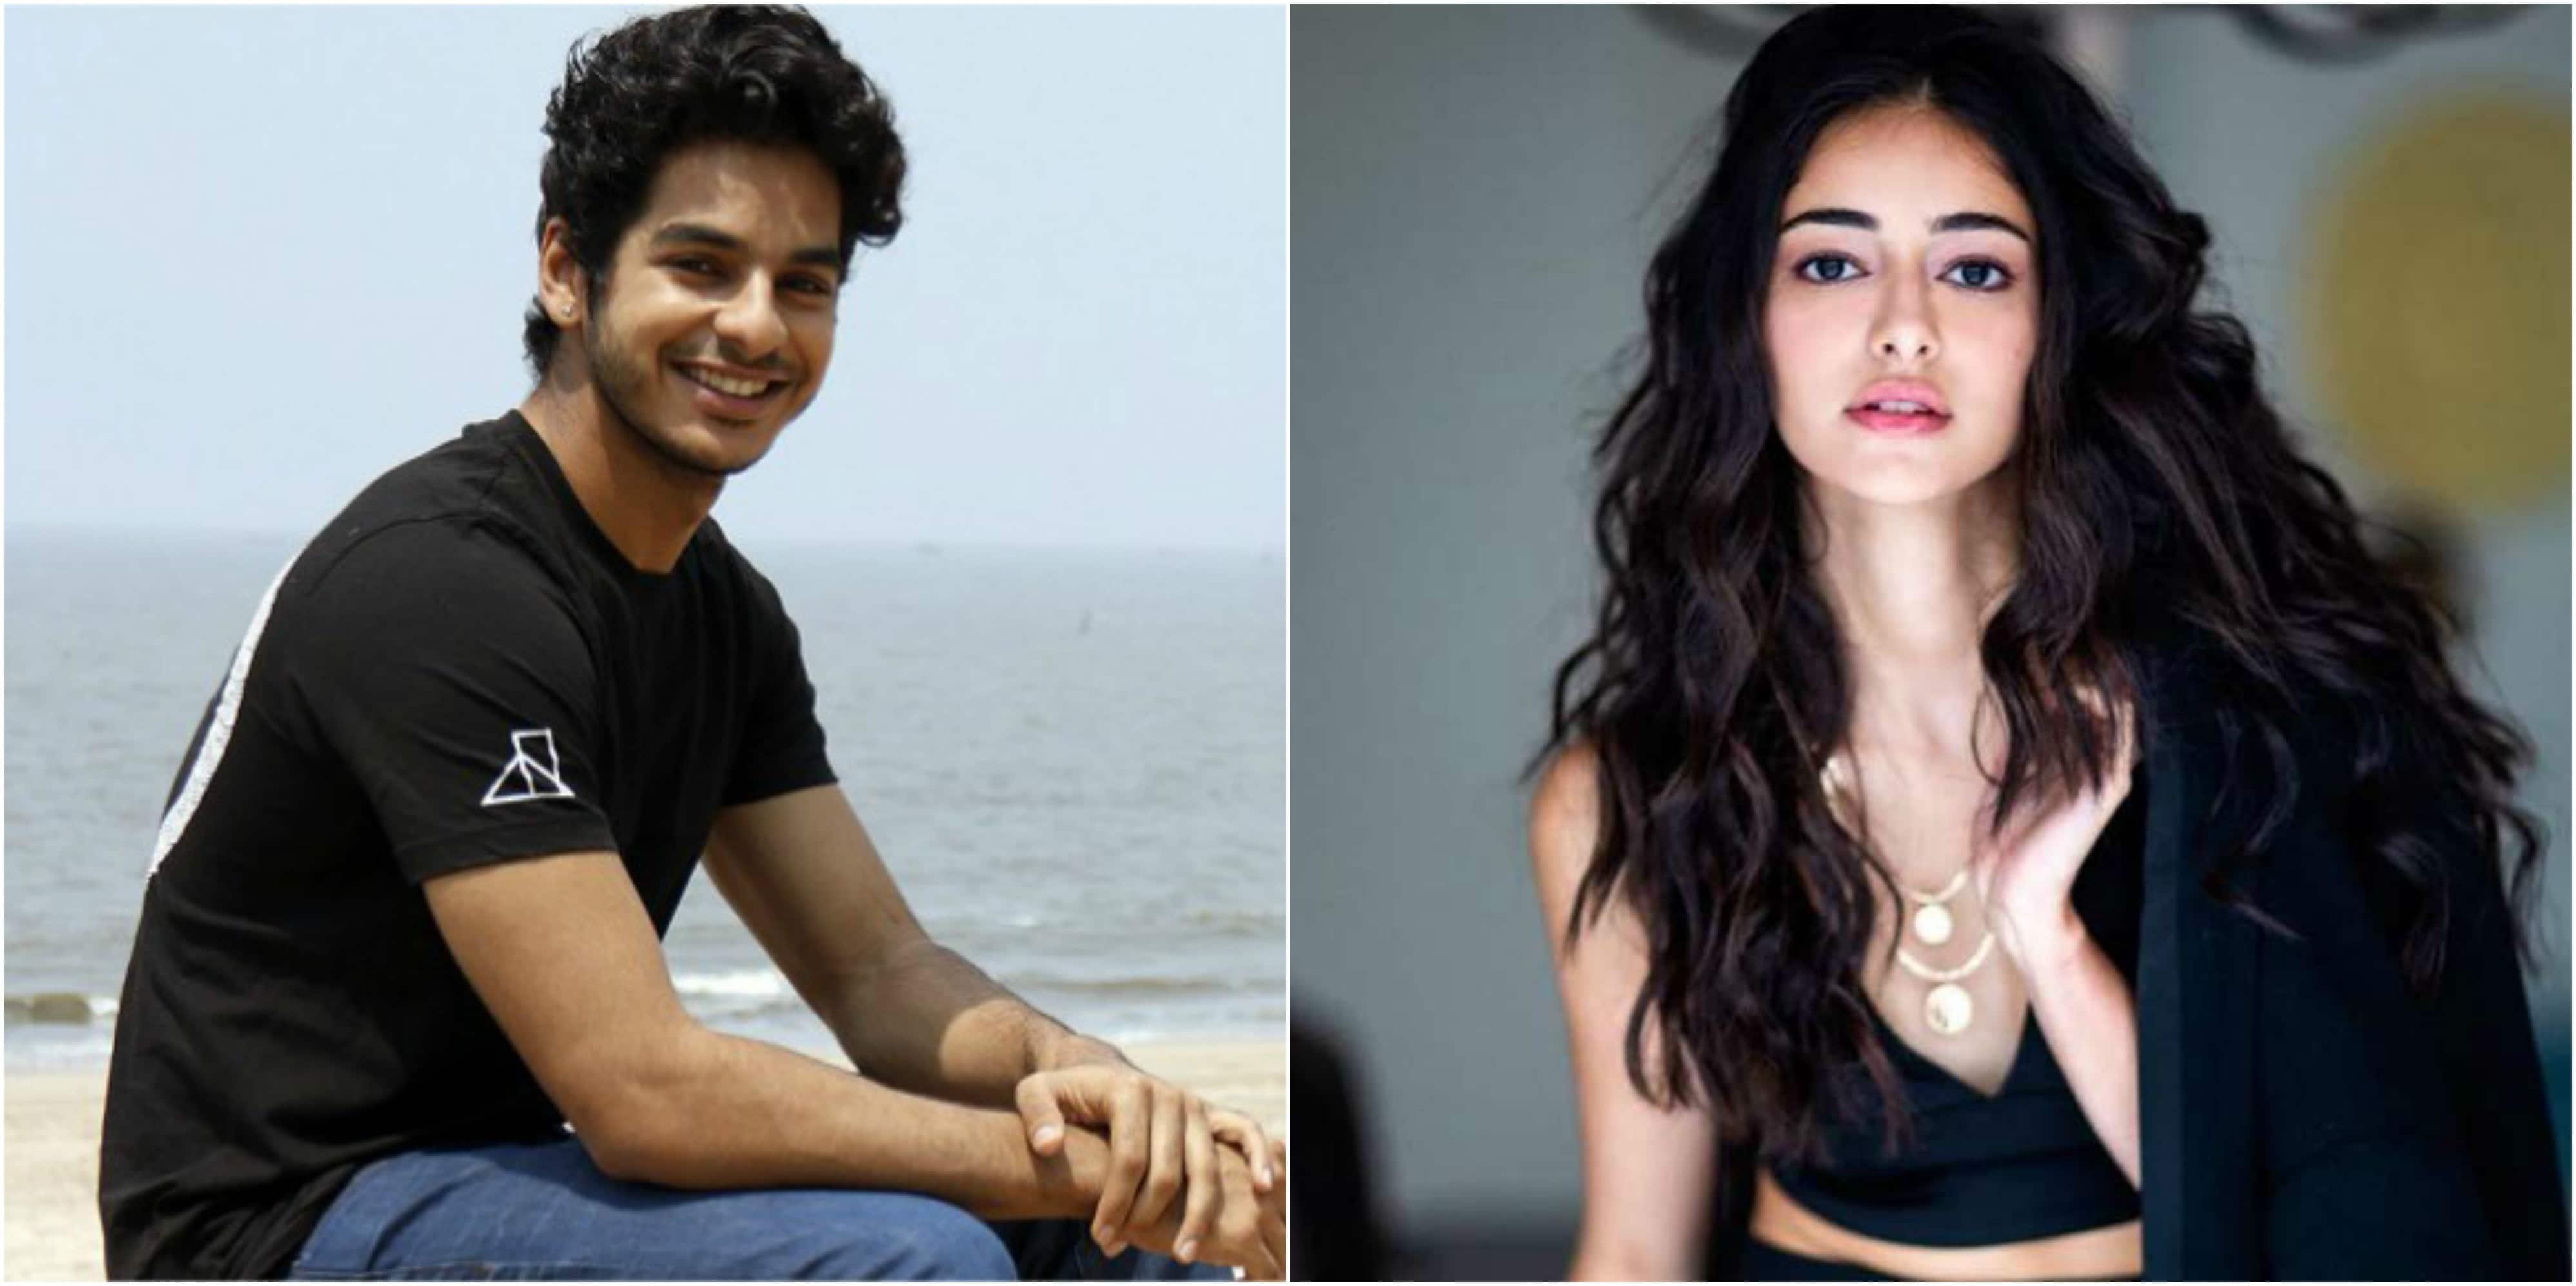 Ananya Pandey And Ishaan Khatter Signed For Ali Abbas Zafar's Next?